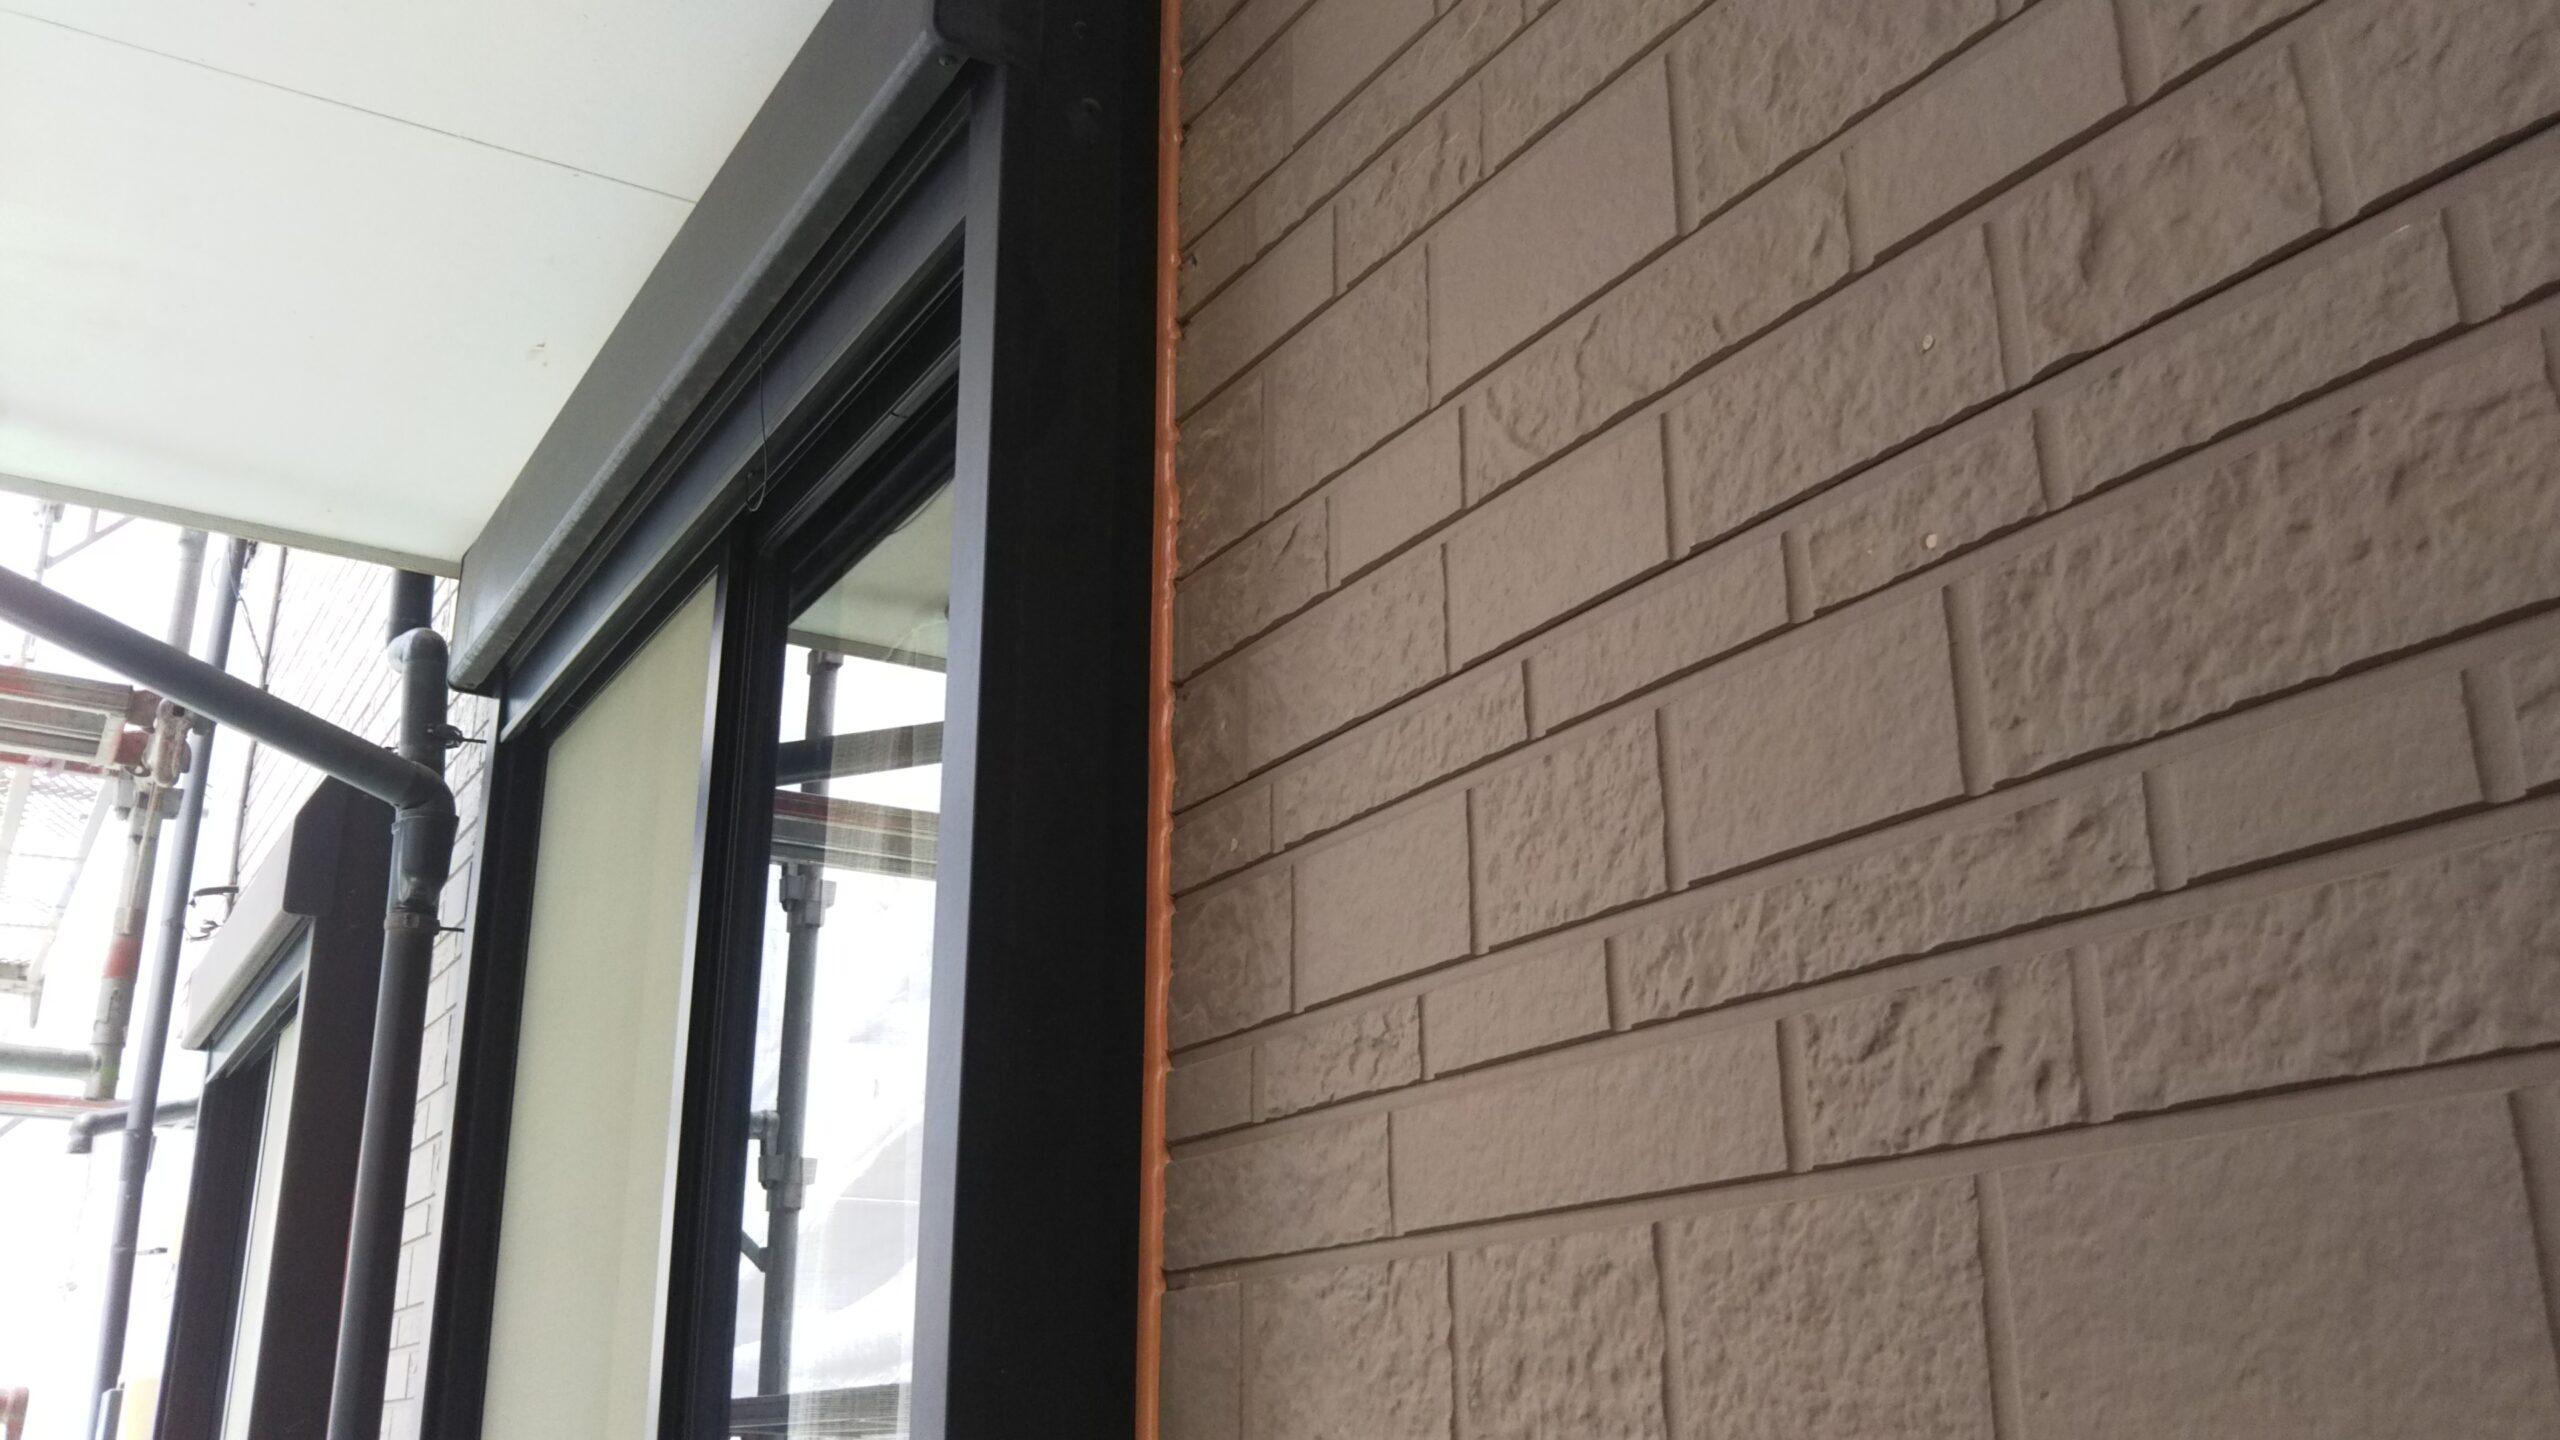 埼玉県さいたま市中央区のK様邸(木造3階建て)にてコーキングの打ち替え・外壁の養生作業